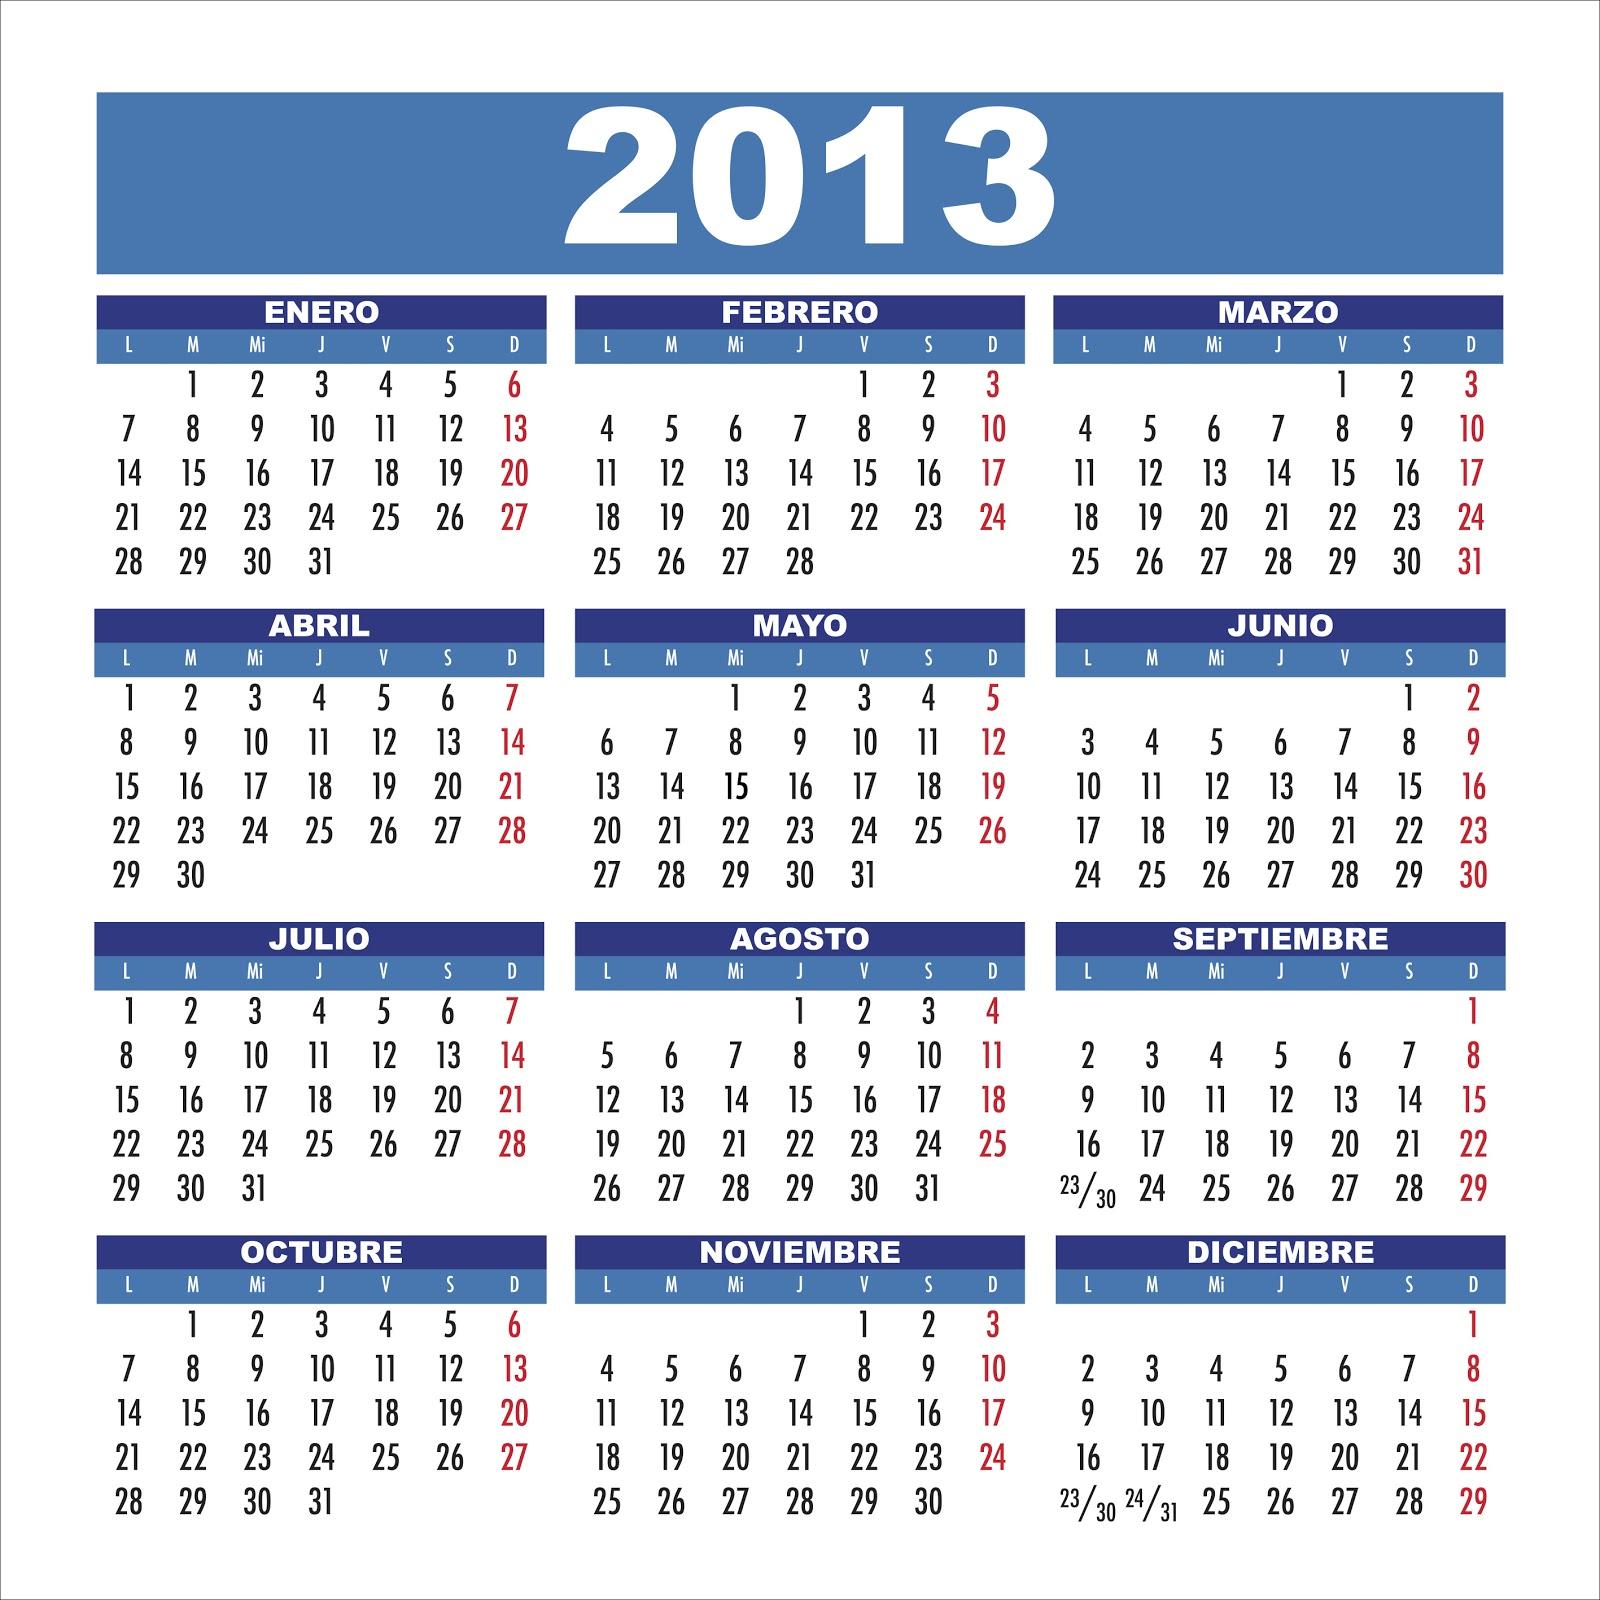 http://4.bp.blogspot.com/-uTPHh6fKDl0/UNYpuXMNjjI/AAAAAAAAK14/GWb0rnAJL9E/s1600/calendario+2013.jpg